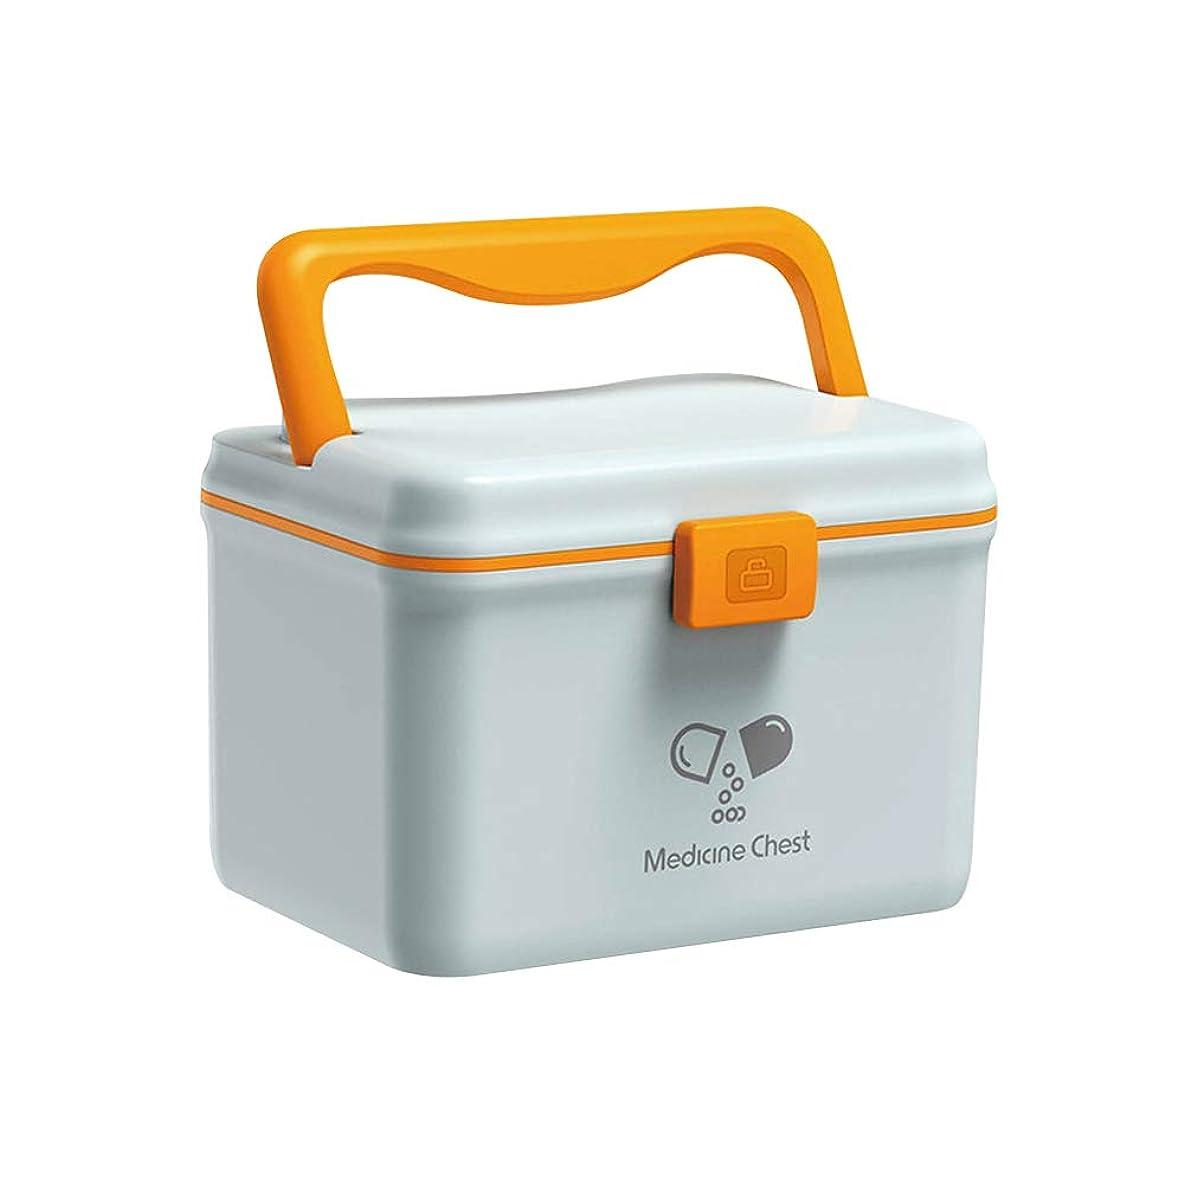 発見乱雑なぴったり救急箱 薬箱 医療箱 収納箱 多機能収納ケース 大容量 家庭用 収納 ケース ボックス 取っ手付き 薬入れ 小物 入れ 北欧スタイル (Nordic blue - box)